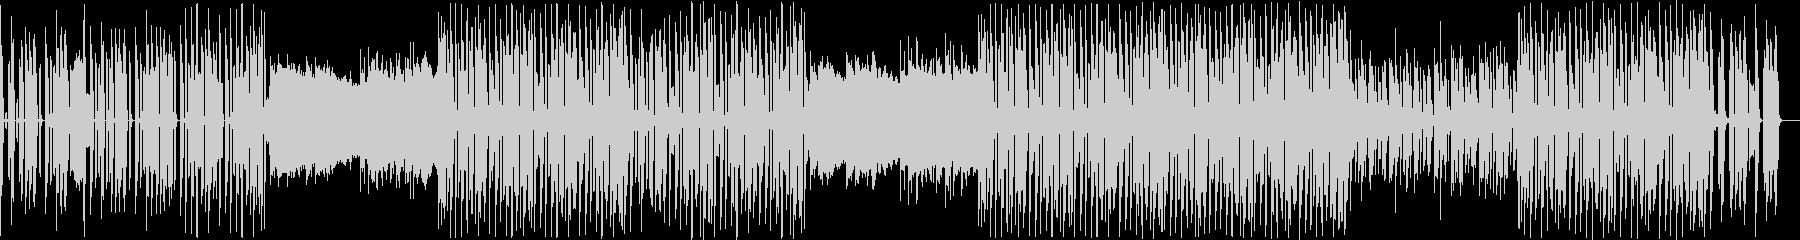 キャッチーなアップテンポ KポップBGMの未再生の波形